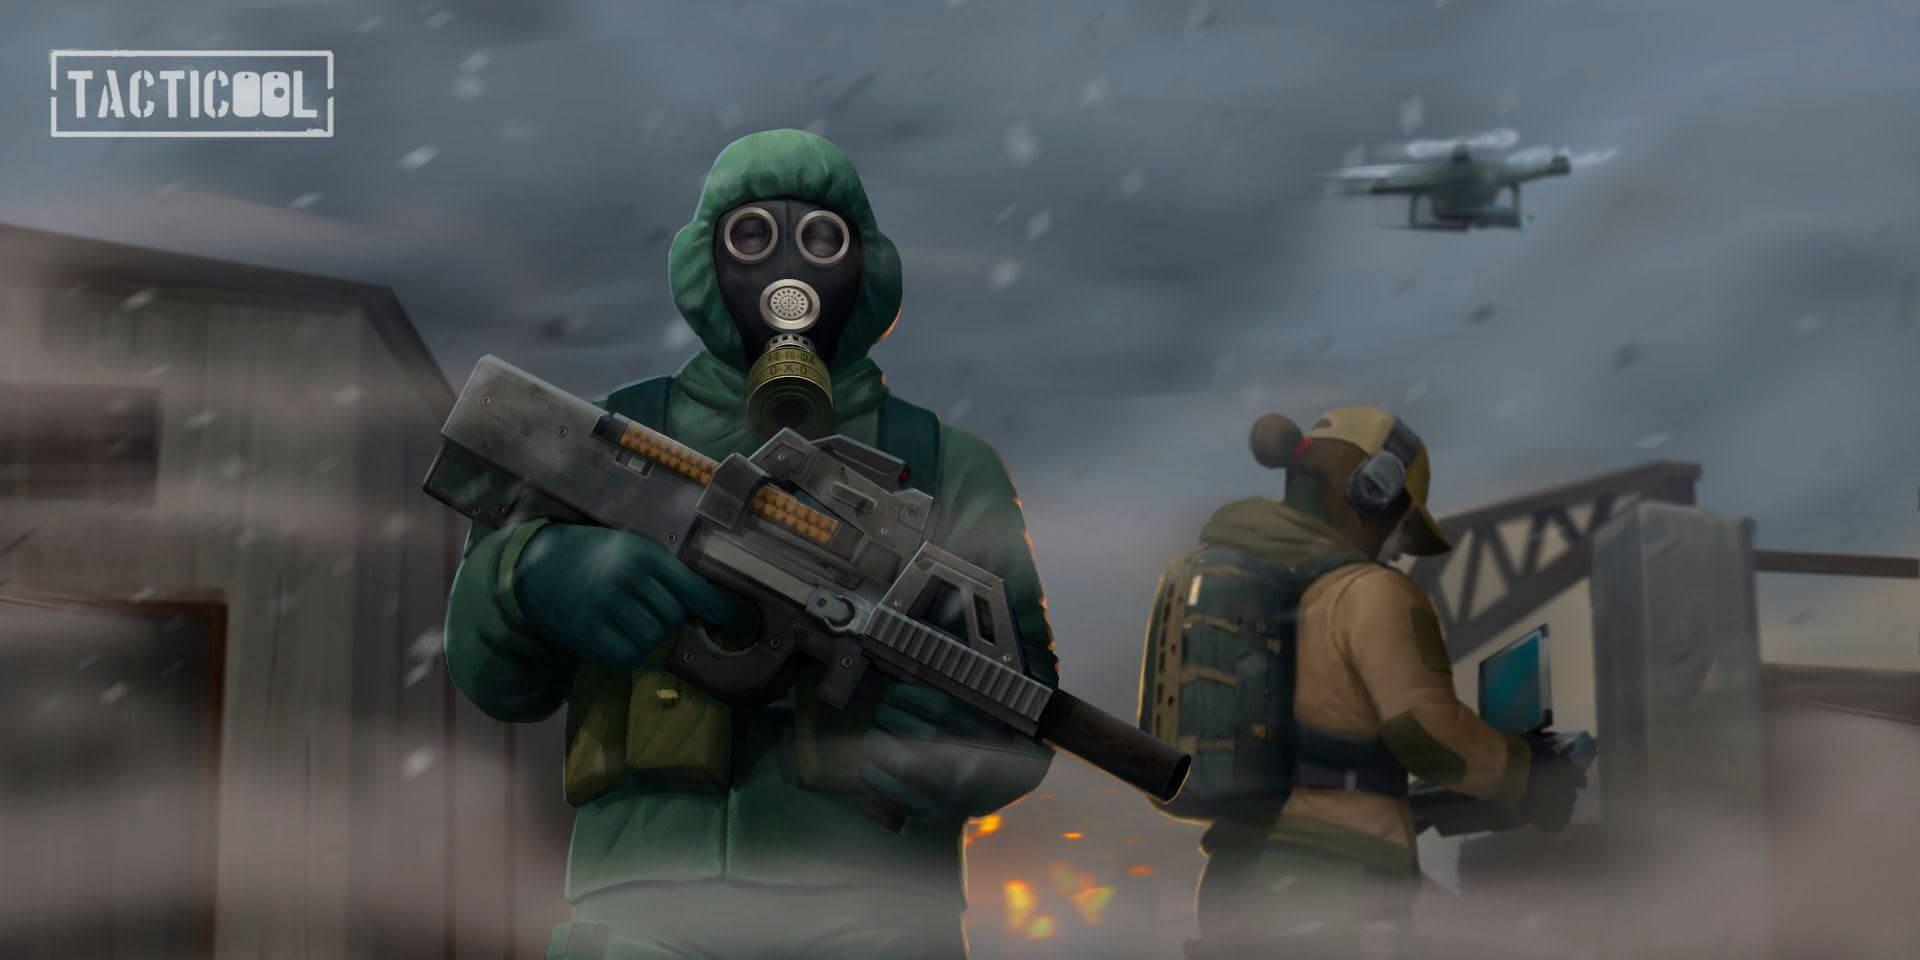 Tacticool